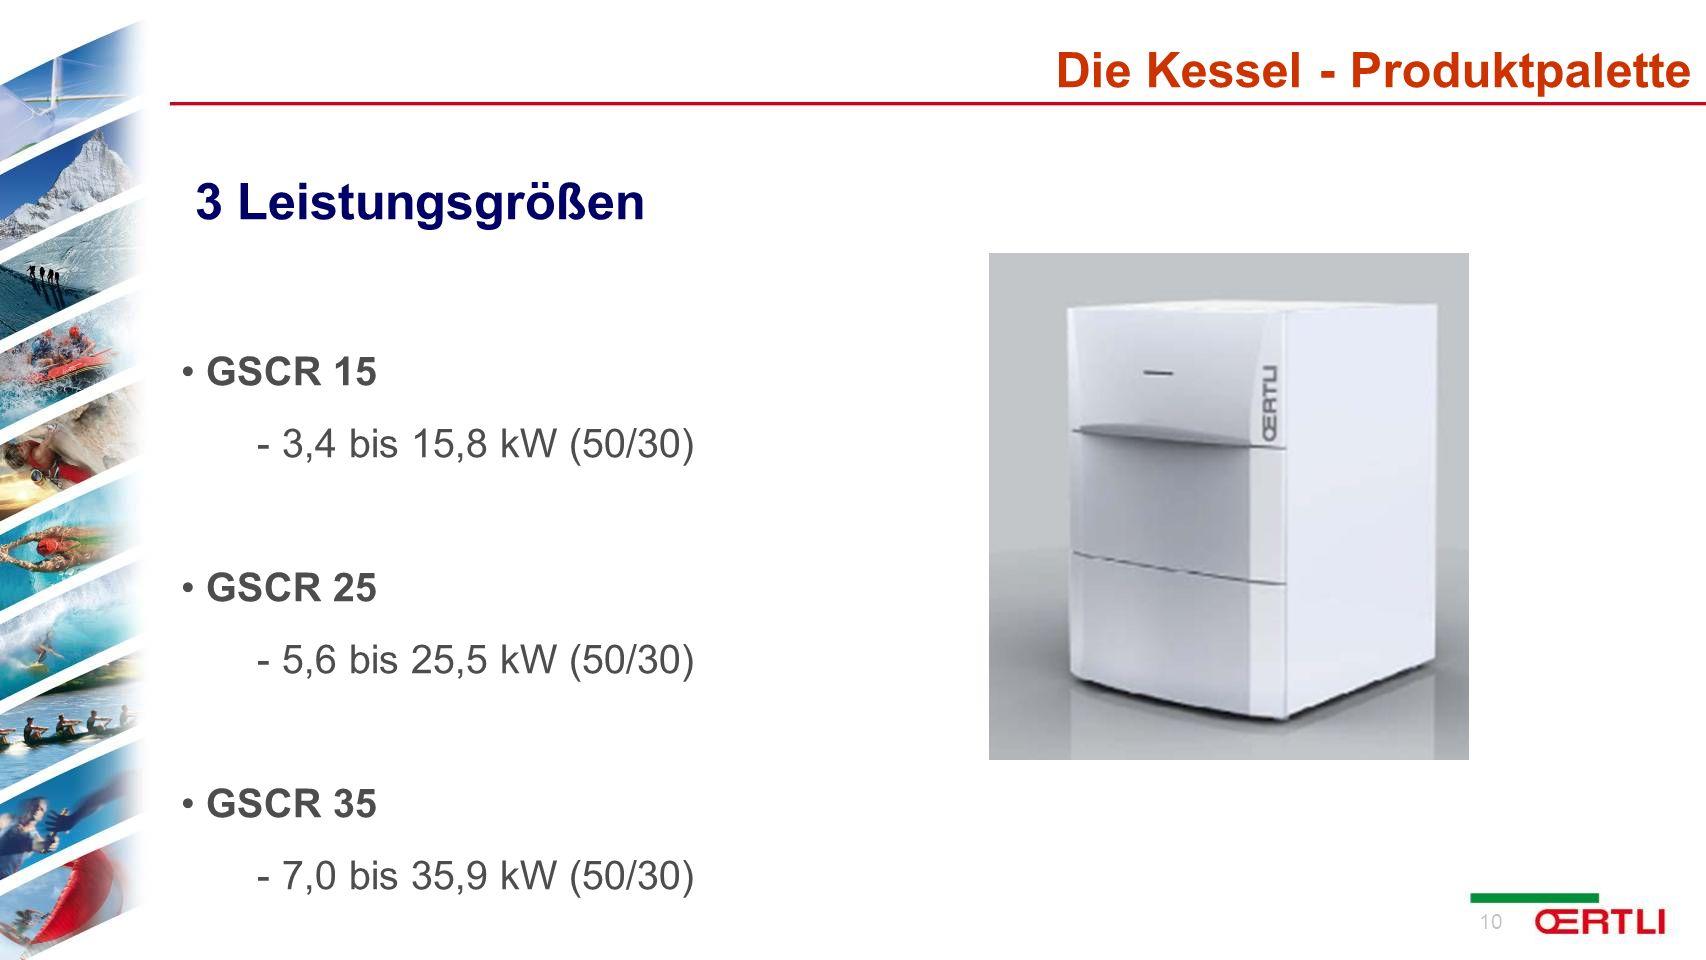 3 Leistungsgrößen Die Kessel - Produktpalette GSCR 15